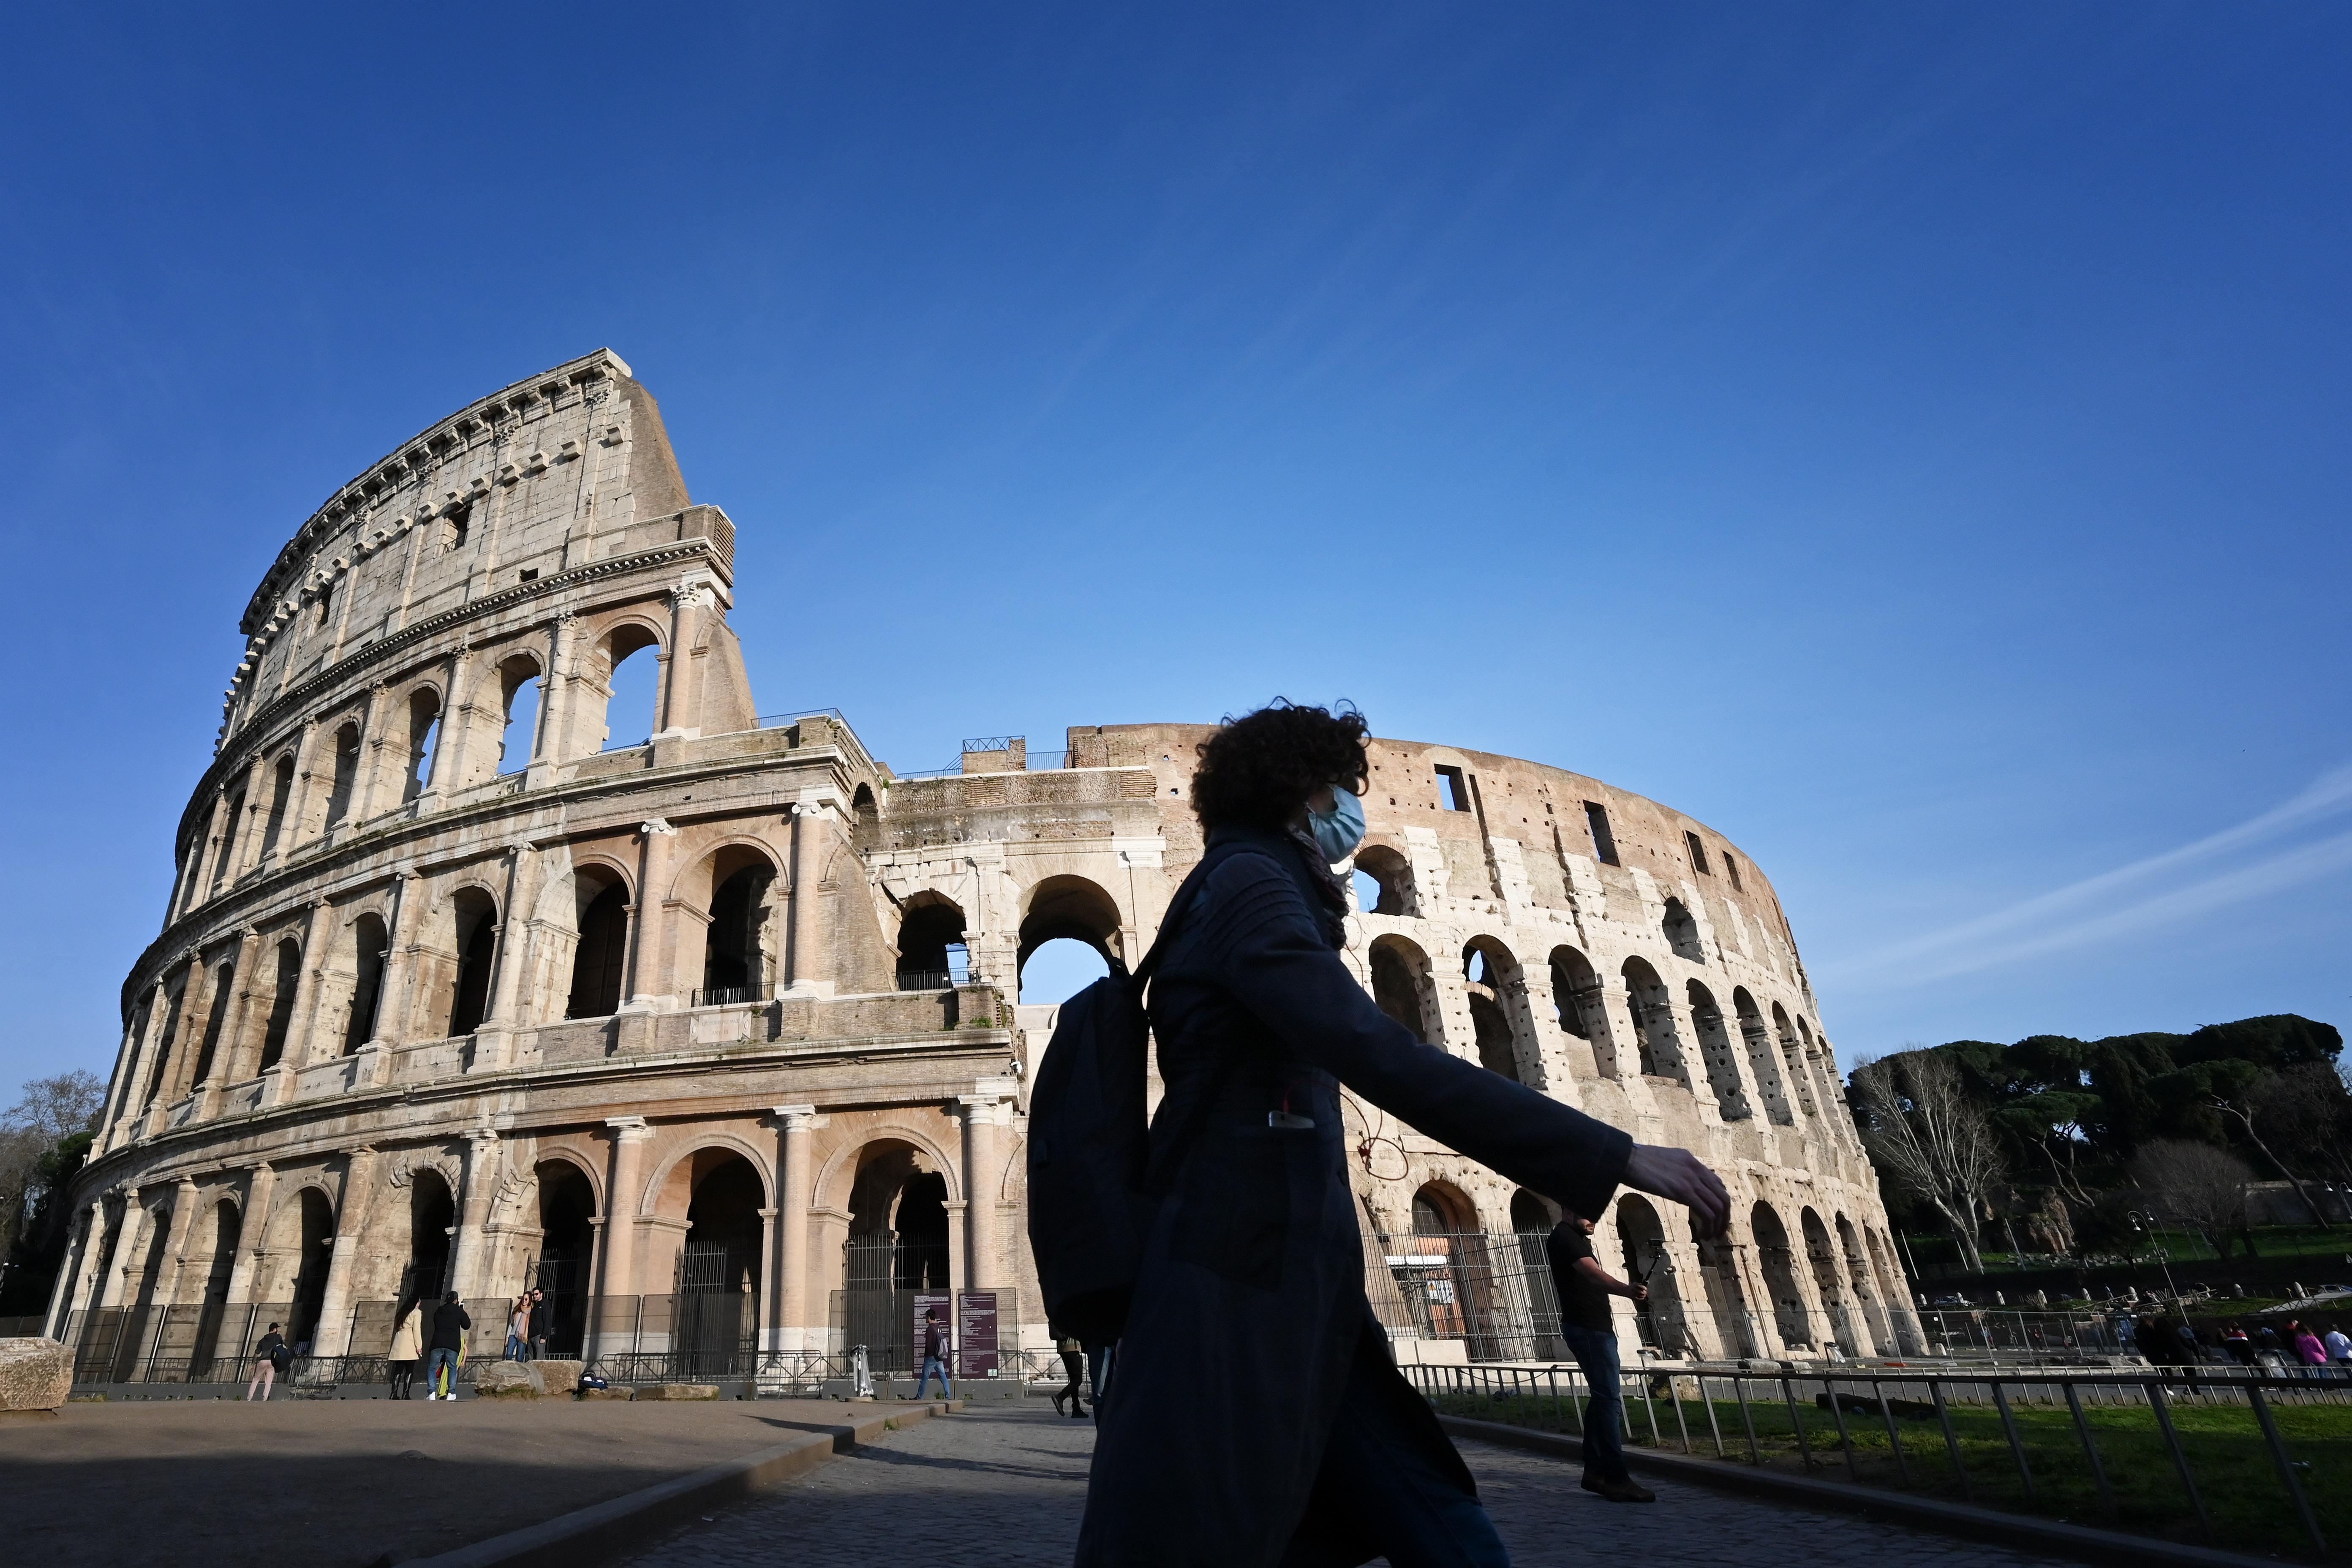 Már az első igazolt eset előtt jelen volt a koronavírus Olaszországban